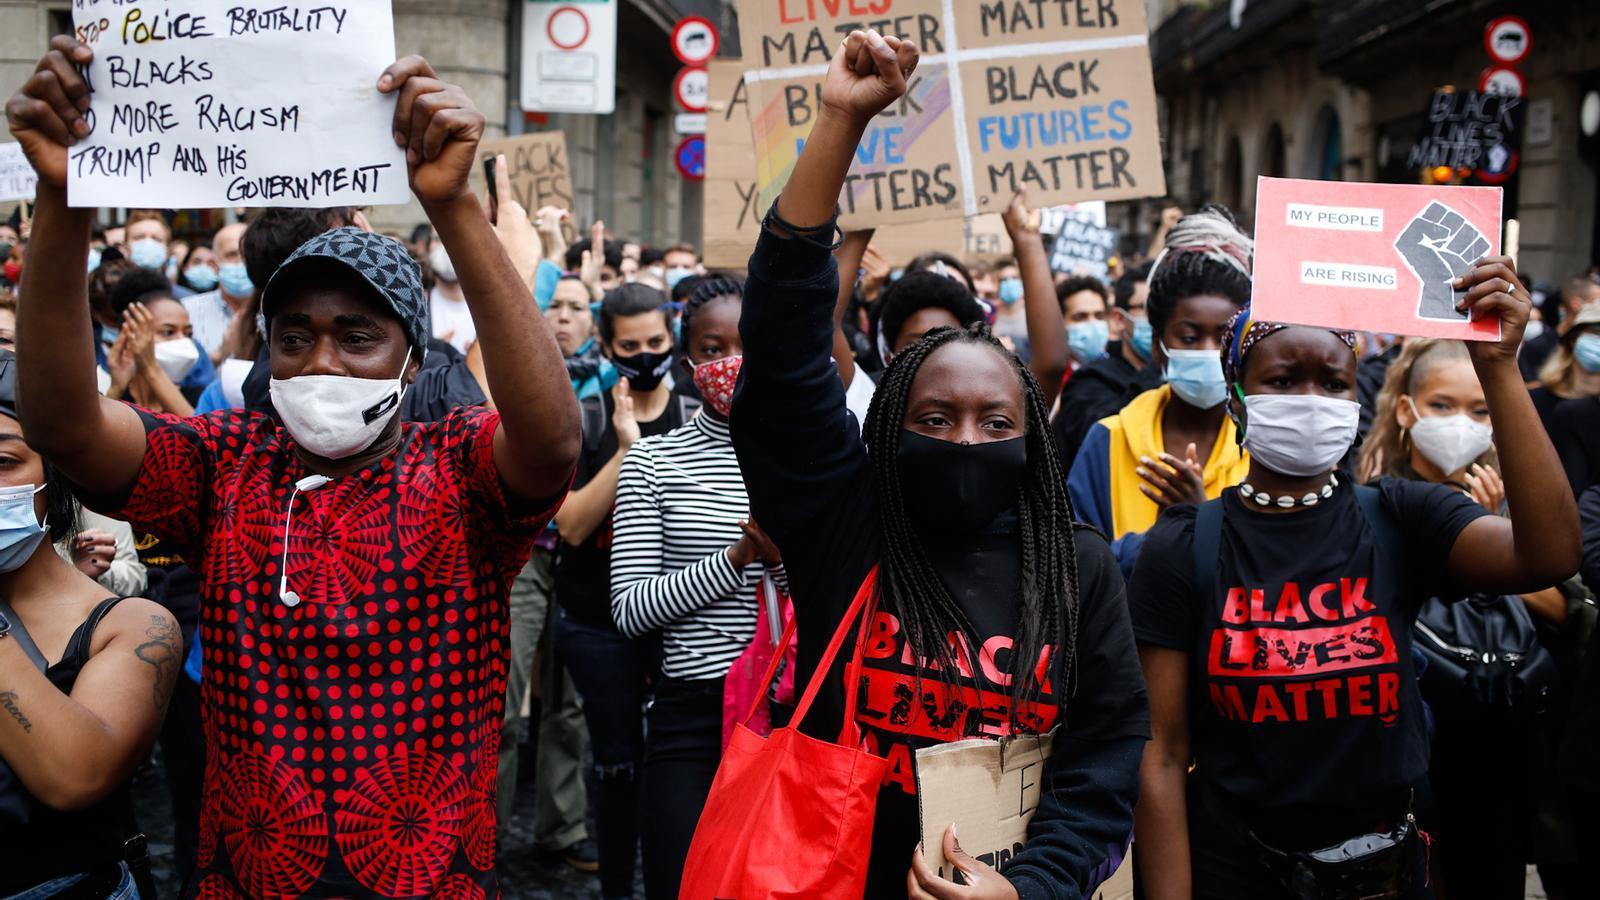 El Black Lives Matter també es fa sentir a Catalunya